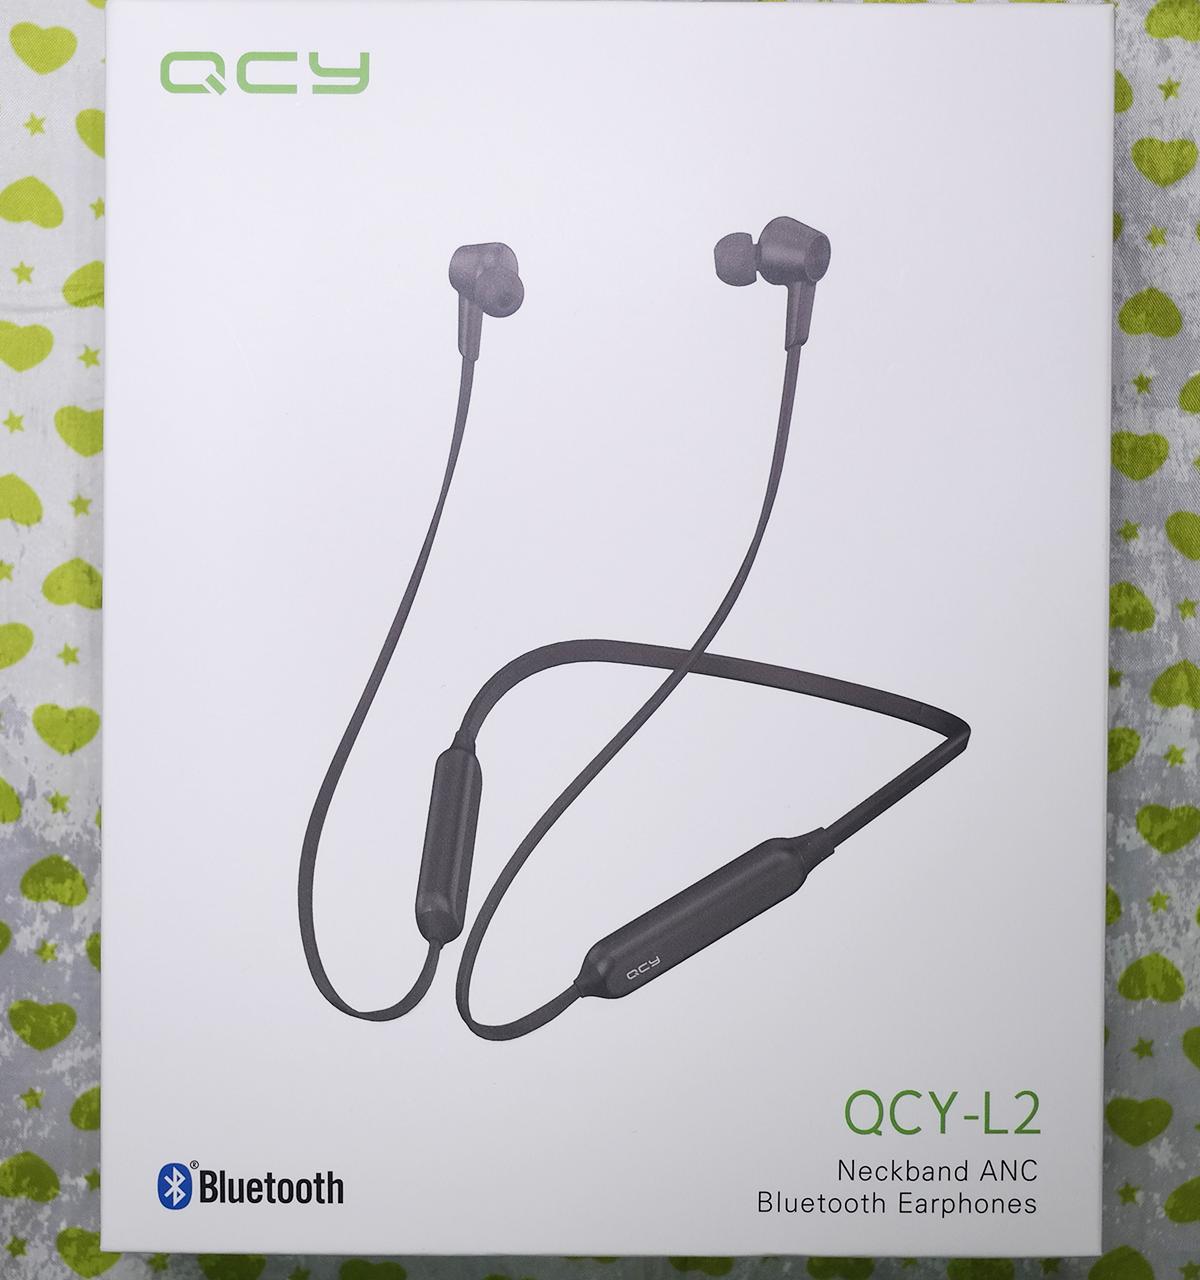 1만 원대 저렴한 블루투스 이어폰 qcy l2 사용기